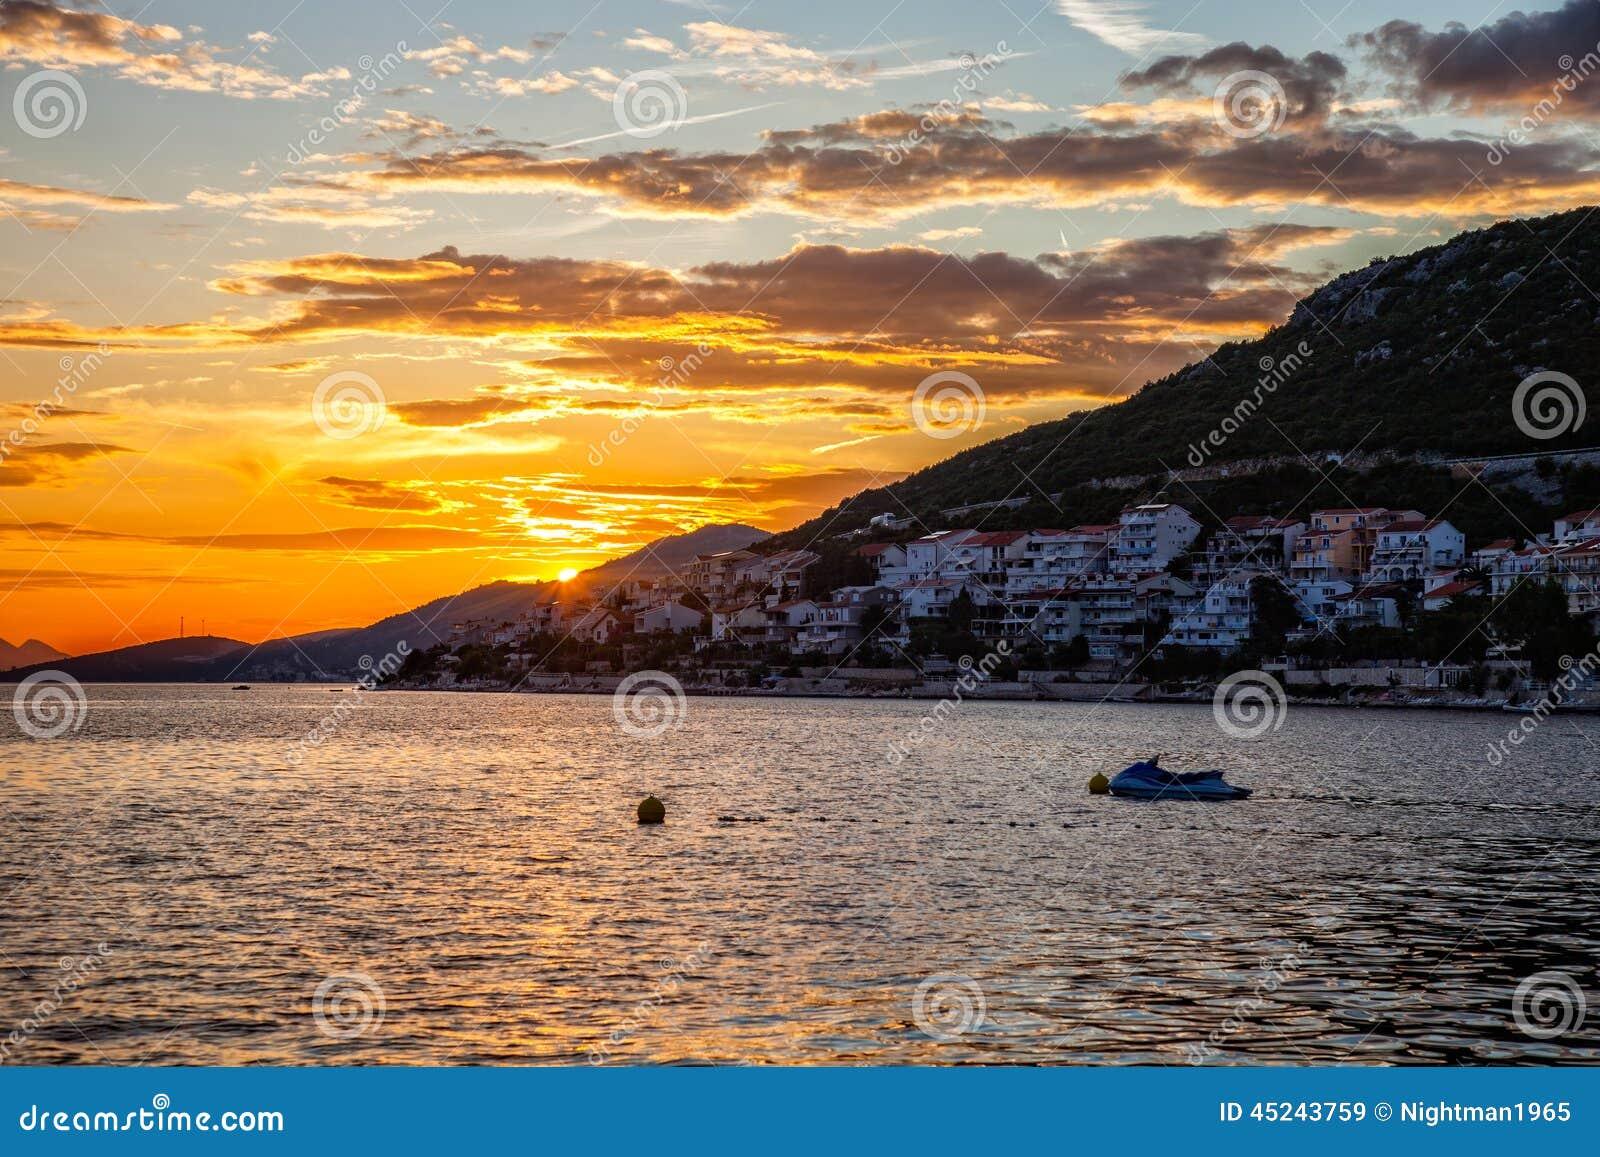 Mar y montañas en la puesta del sol - silueta